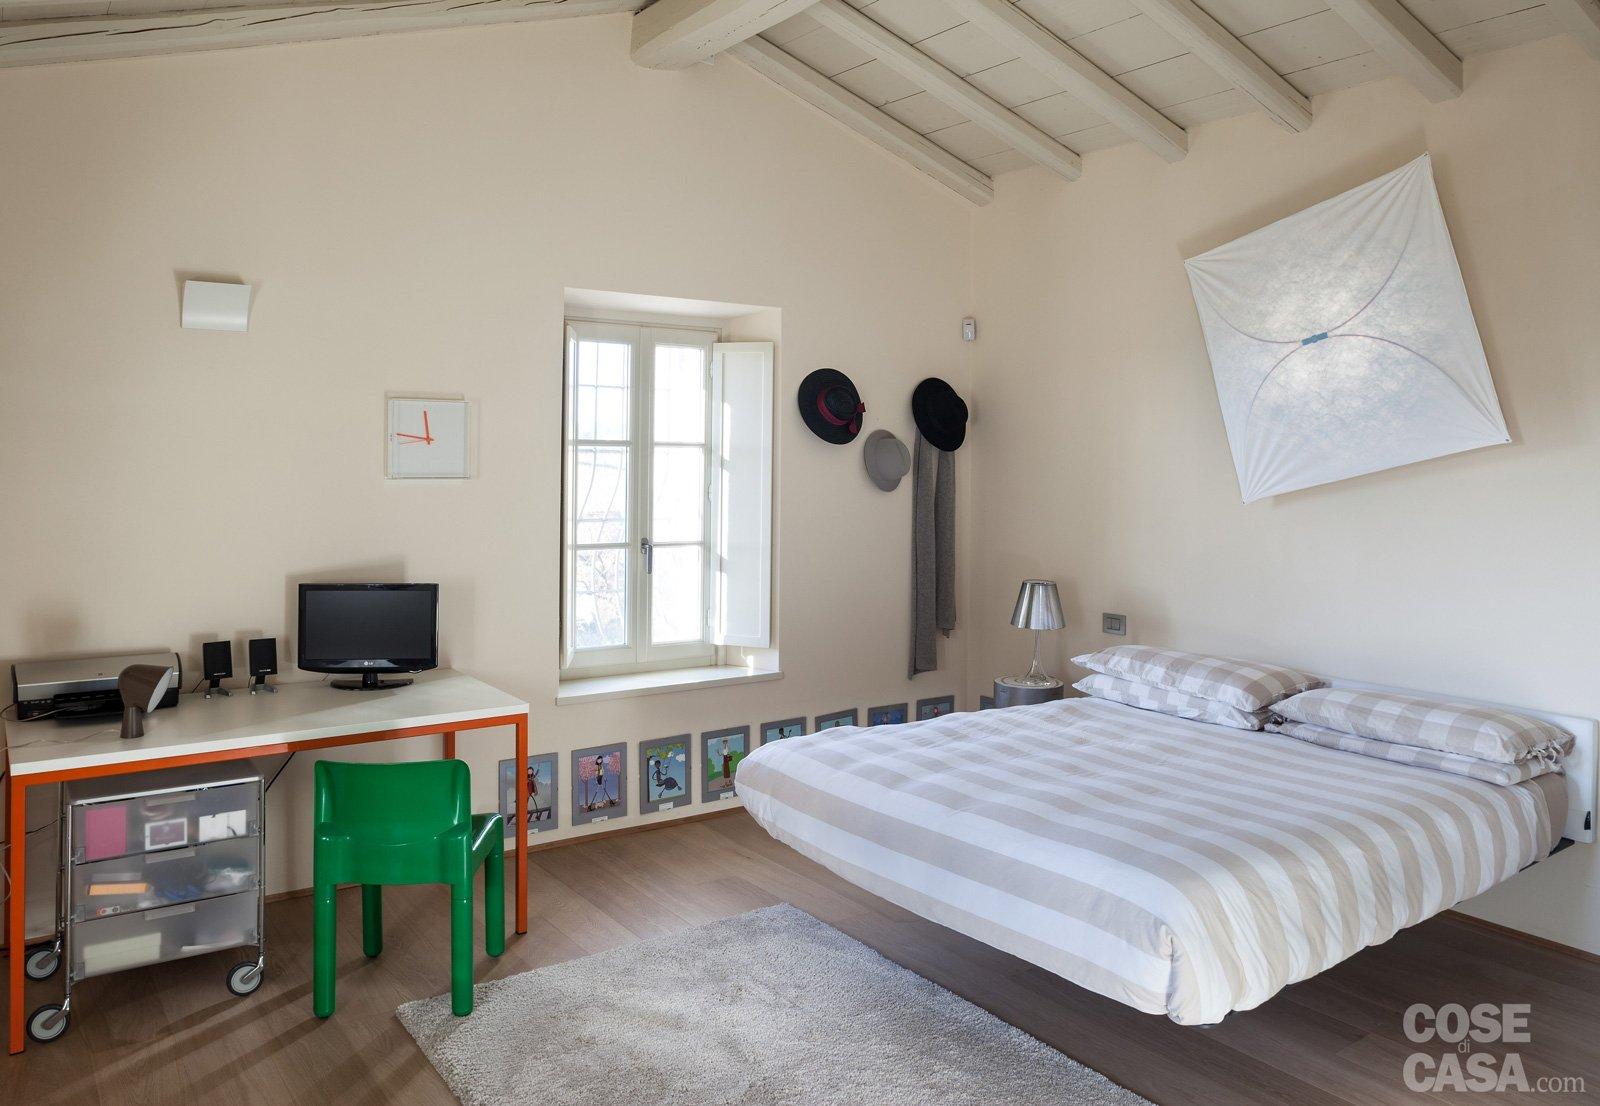 Letto Rustico Una Piazza E Mezza : Una casa con ambienti moderni a sfondo rustico cose di casa